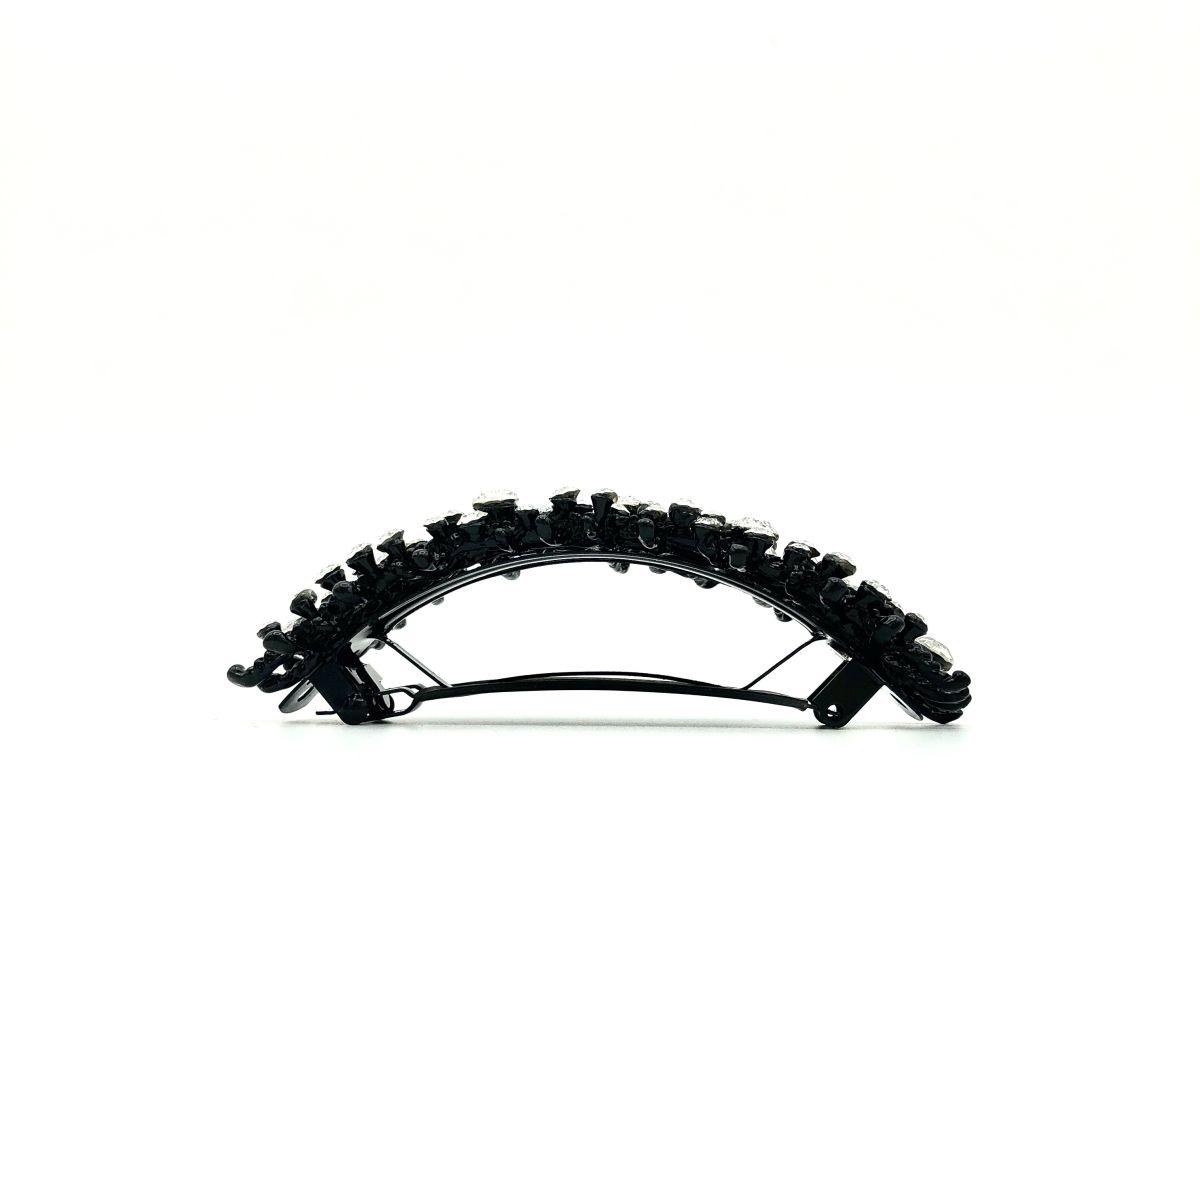 Haarspange 'Carine' Strass cristall/schwarz - groß, gebogen